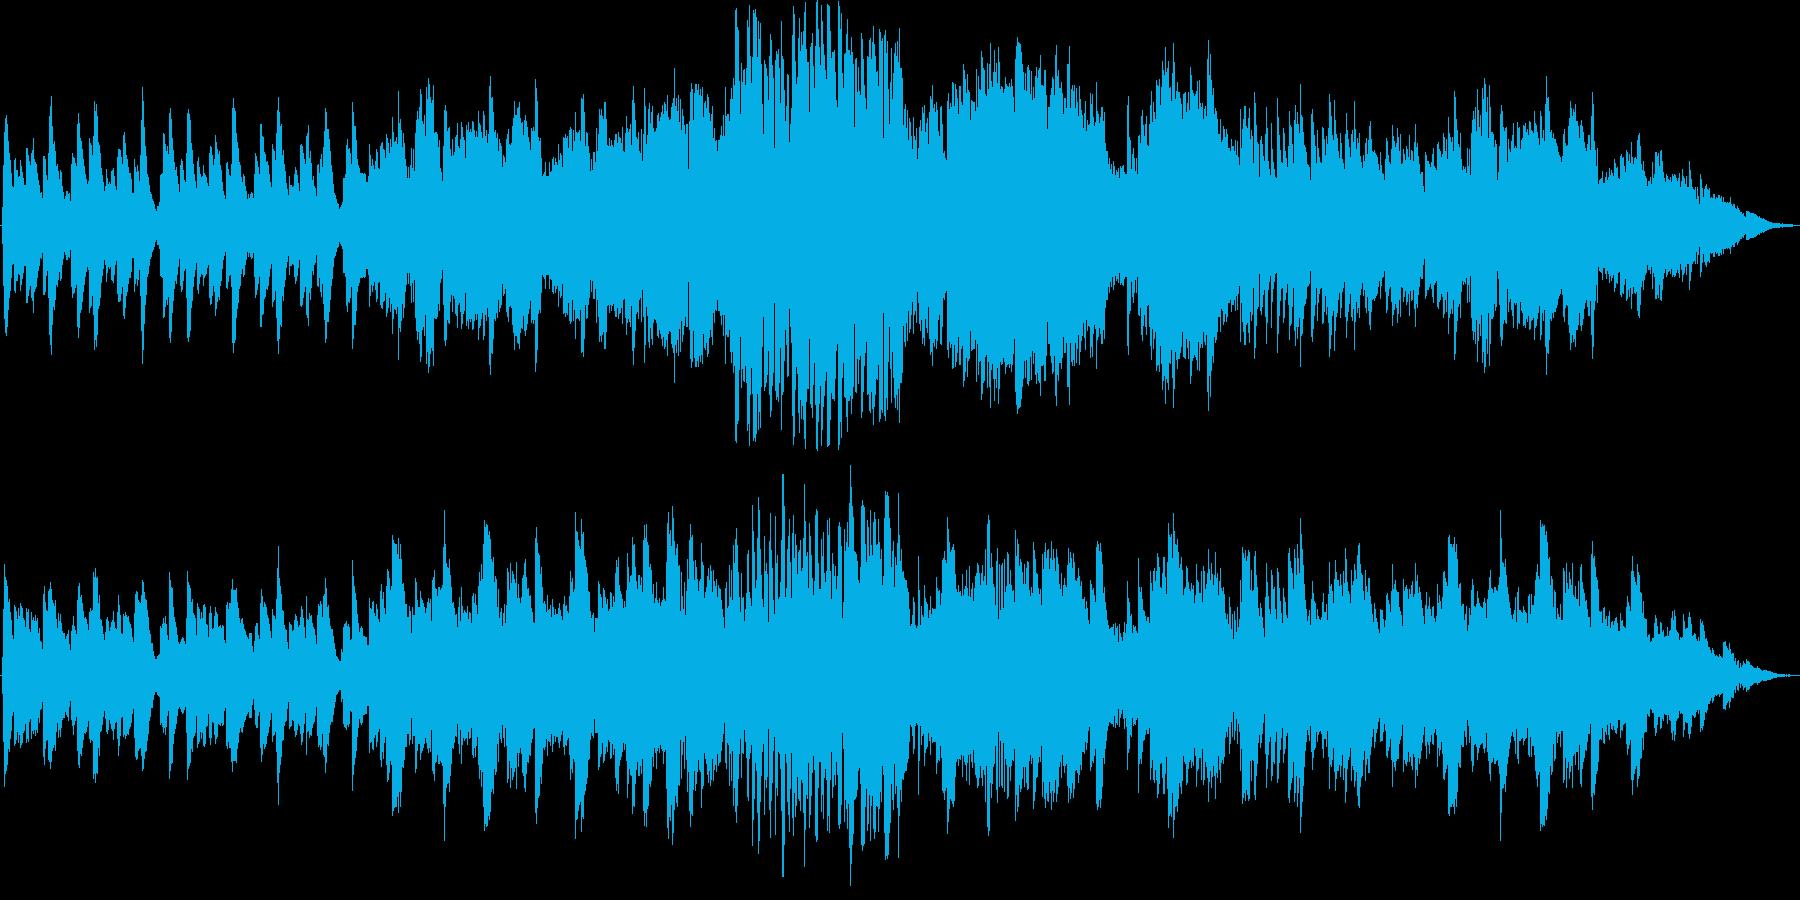 和やか・ノスタルジック・バイオリンの再生済みの波形